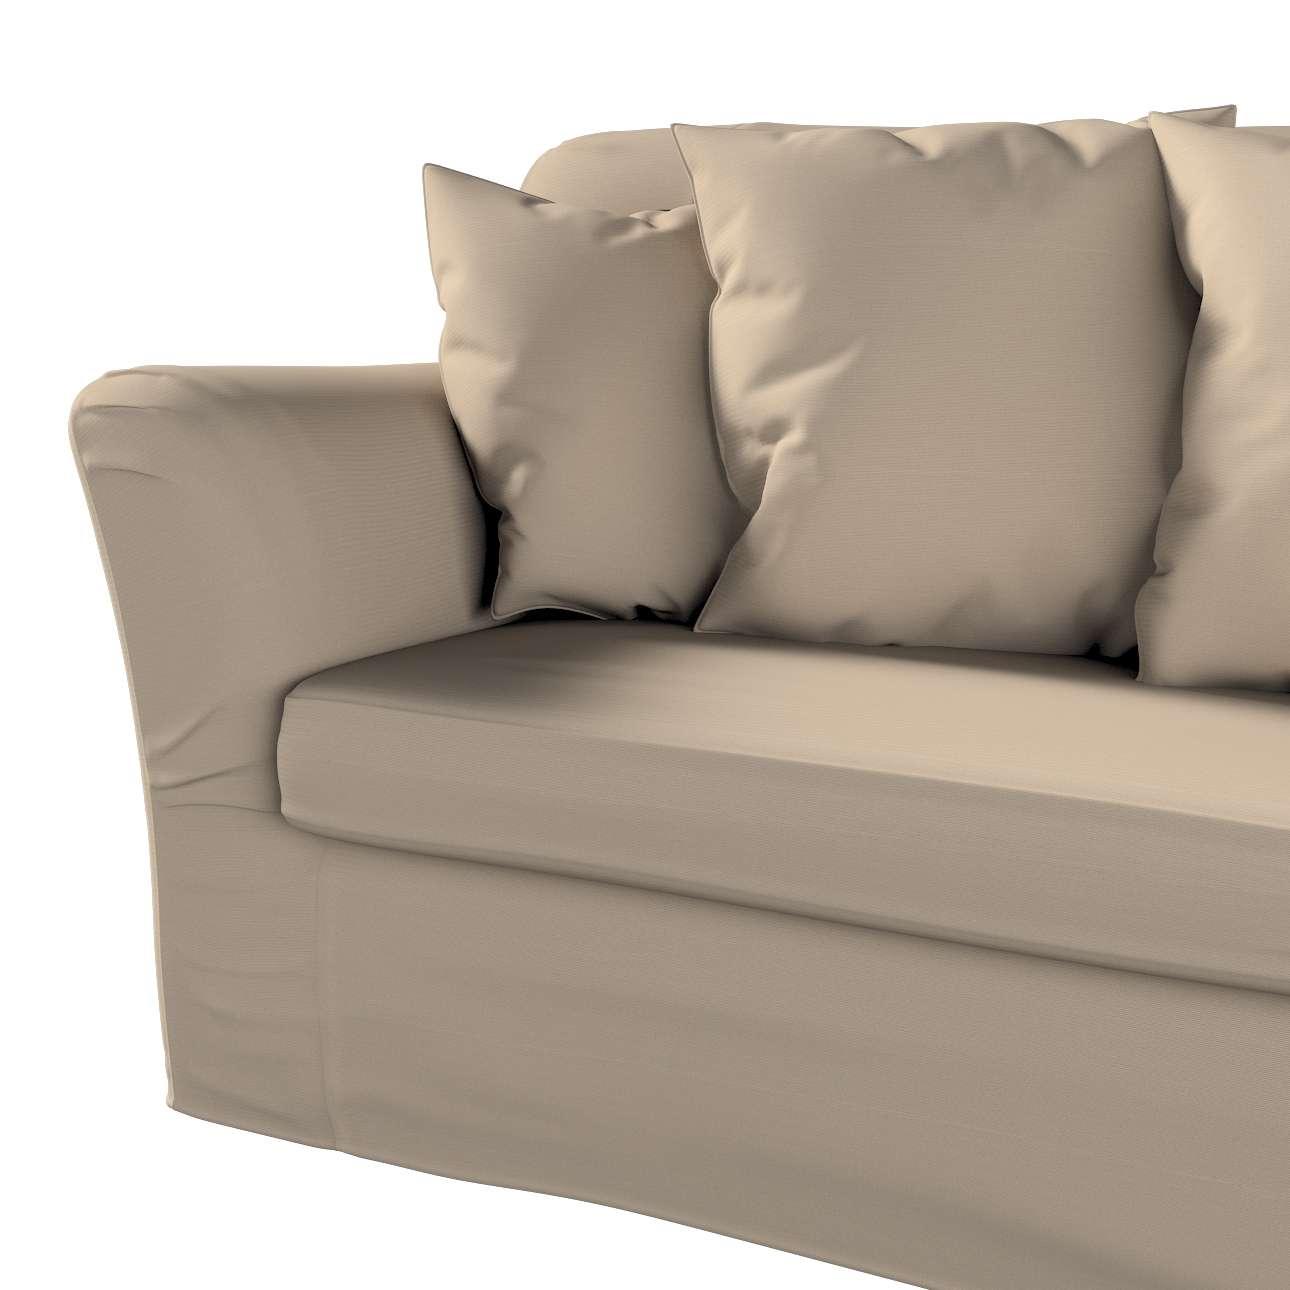 Pokrowiec na sofę Tomelilla 3-osobową rozkładaną w kolekcji Cotton Panama, tkanina: 702-28